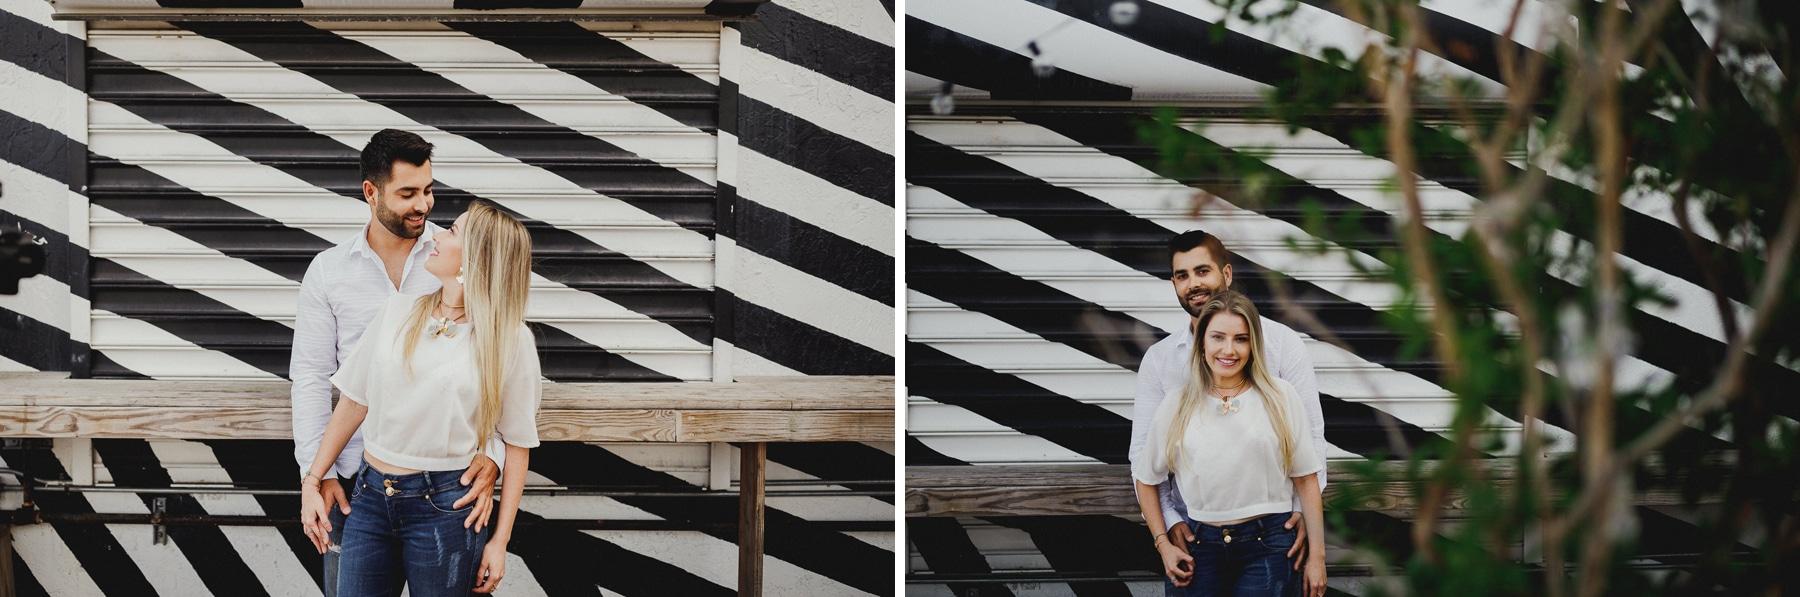 fotógrafo brasileiro em miami